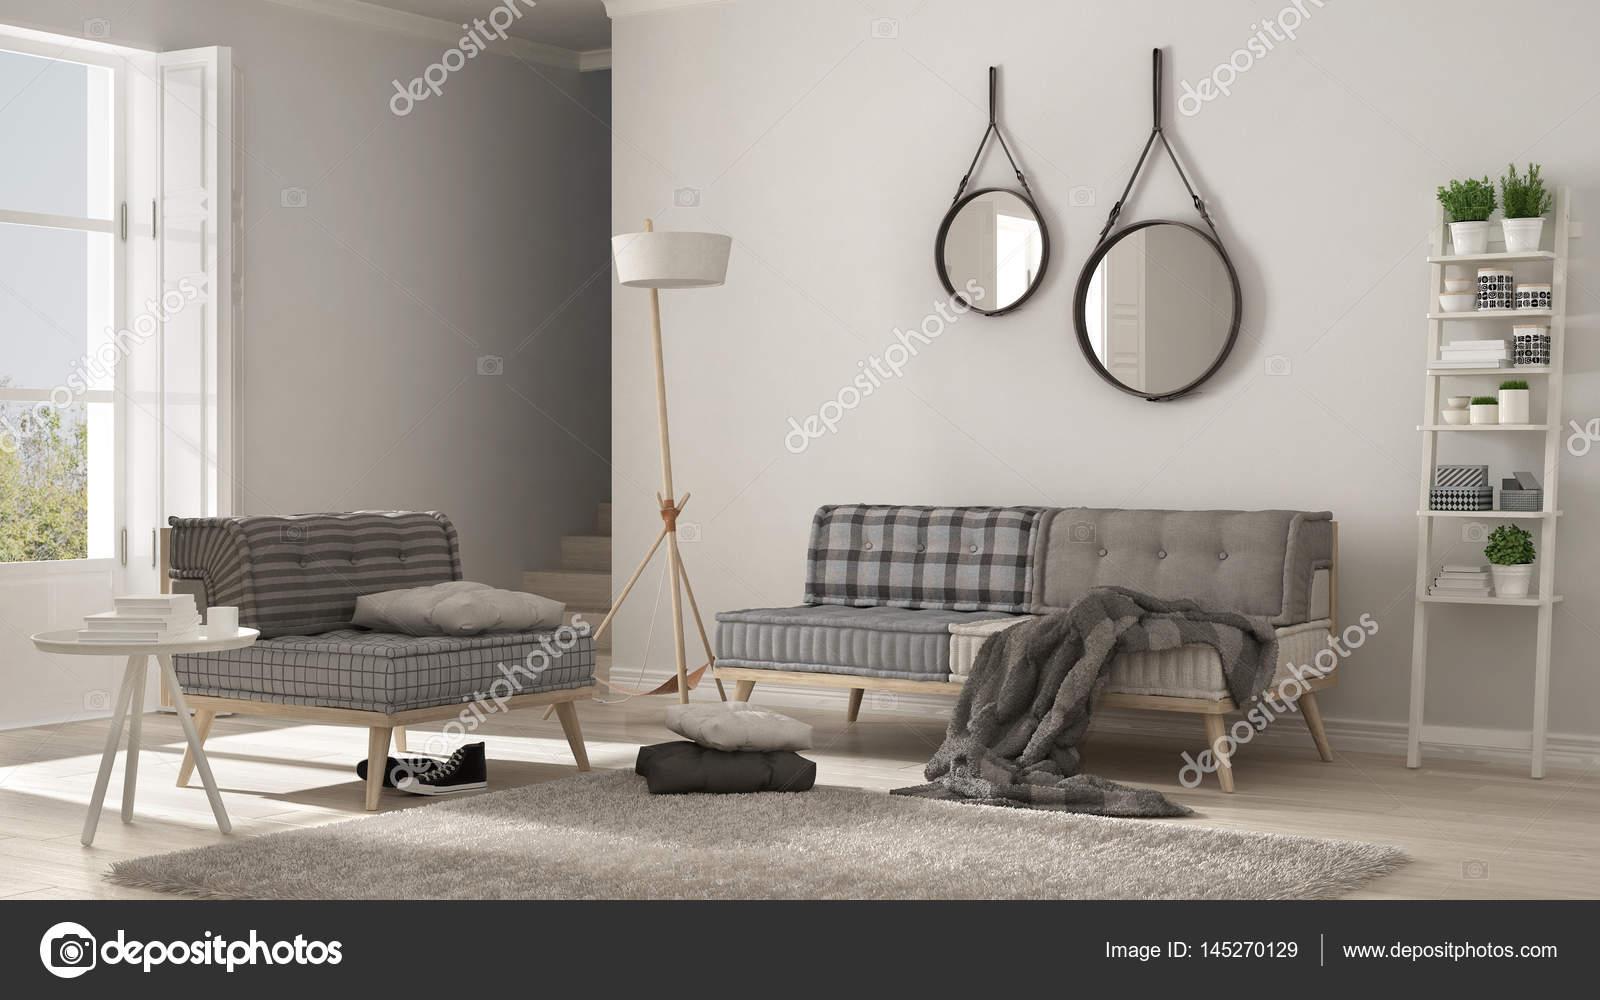 https://st3.depositphotos.com/1152281/14527/i/1600/depositphotos_145270129-stockafbeelding-scandinavische-woonkamer-met-bank-leunstoel.jpg